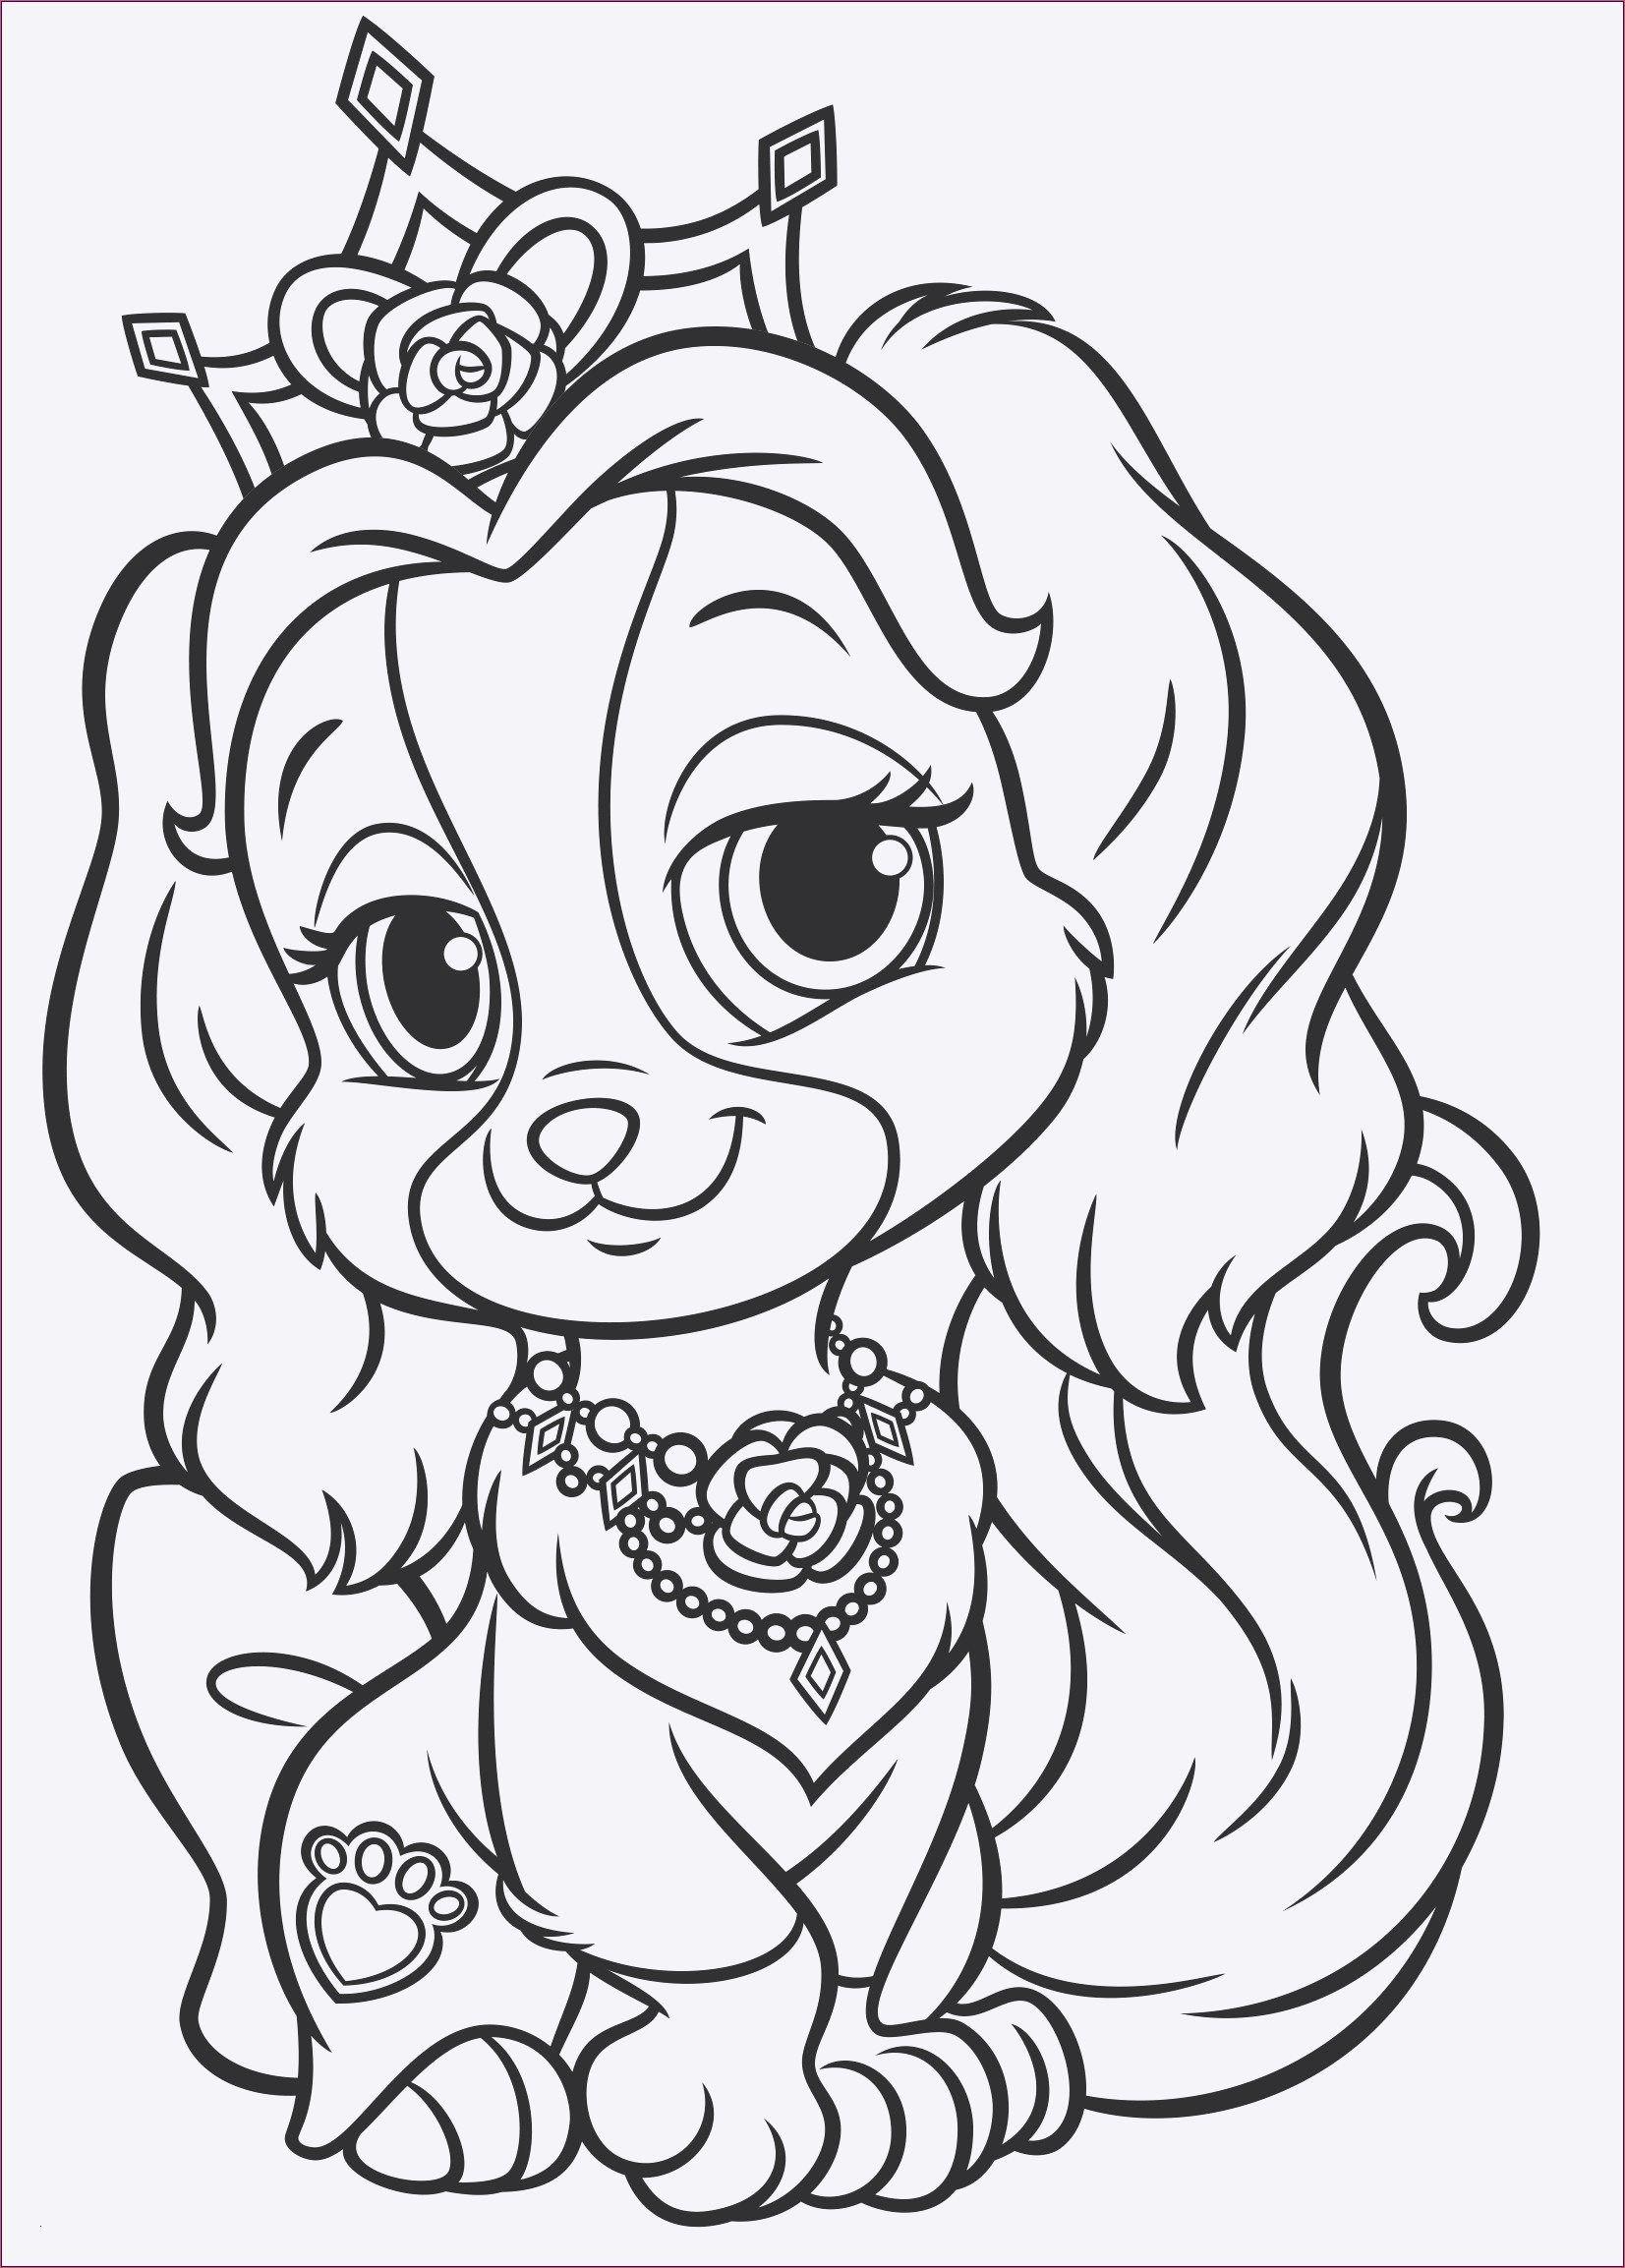 Malvorlagen Gratis Prinzessin Disney Neu Pferde